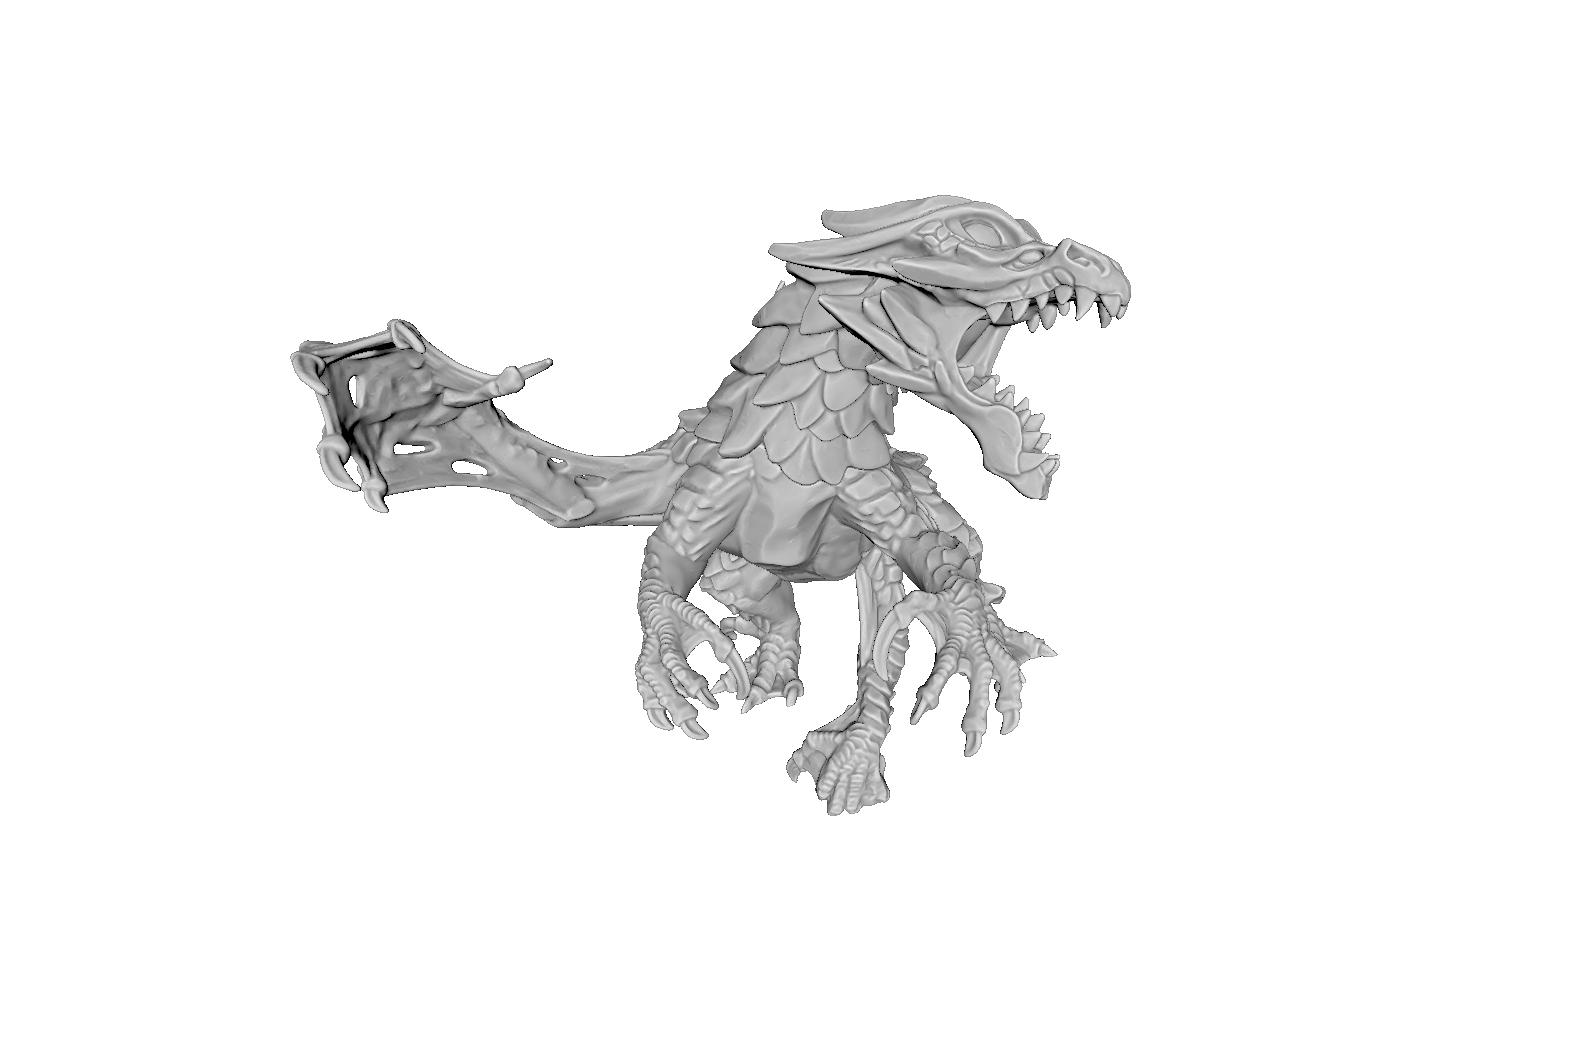 render06.png Download STL file Drakolisk (Variant 2) • 3D printing template, beldolor